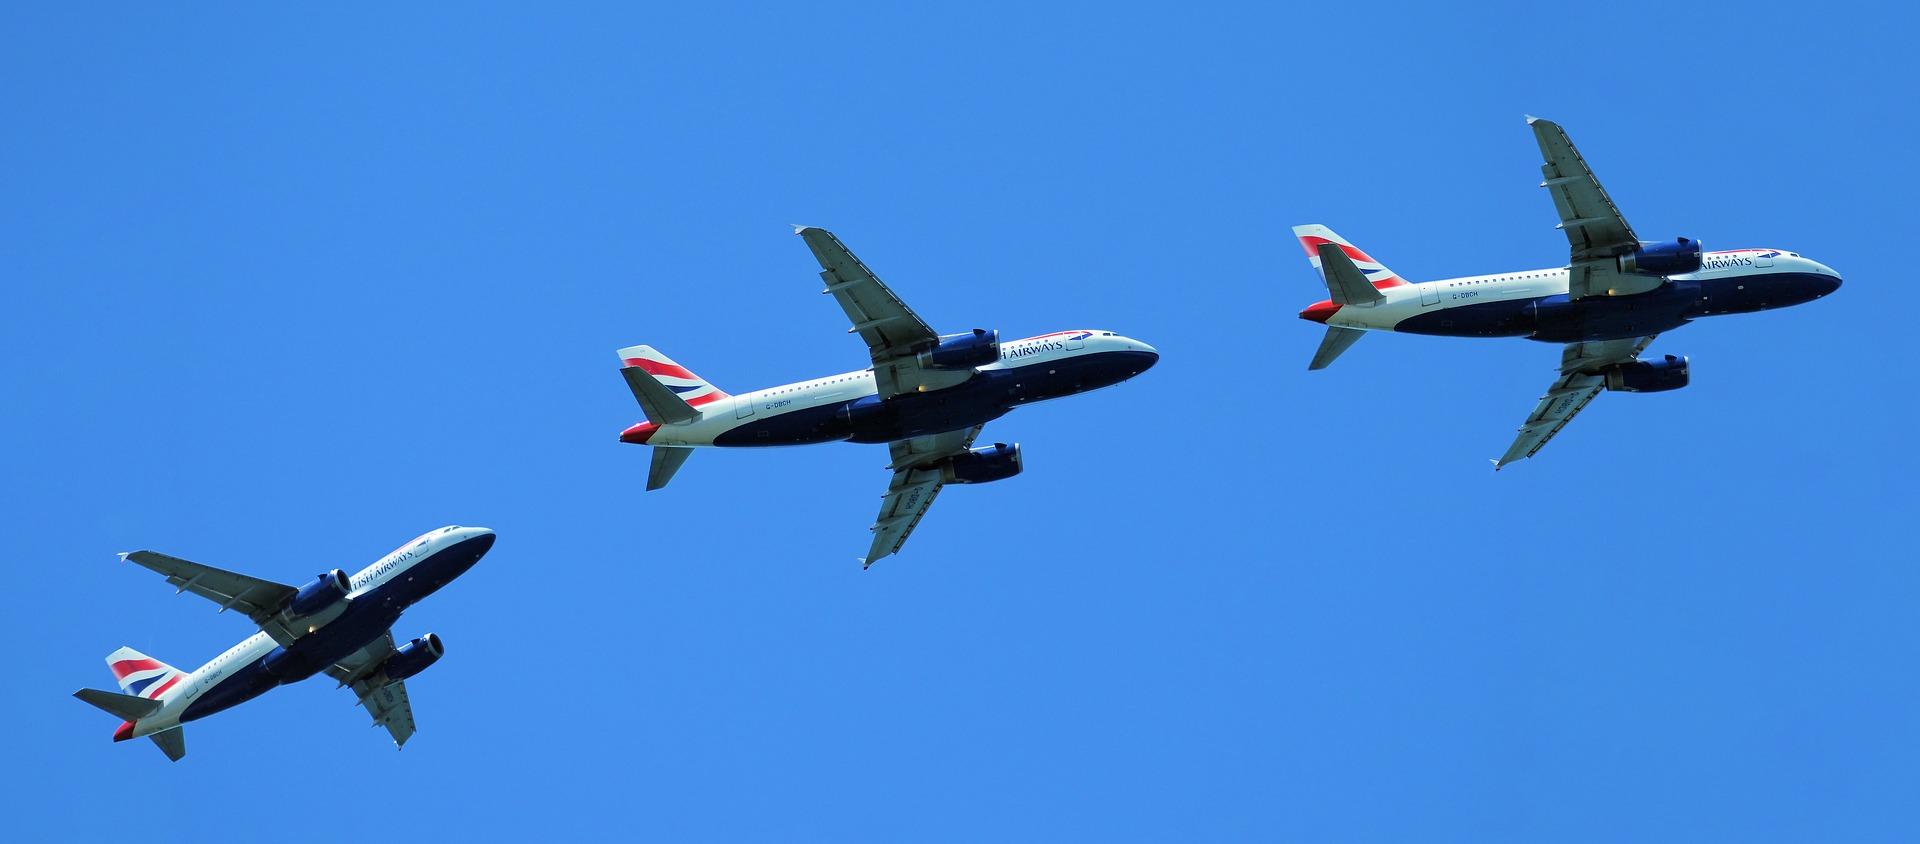 Українська авіакомпанія SkyUP замовила 5 нових літаків Boeing